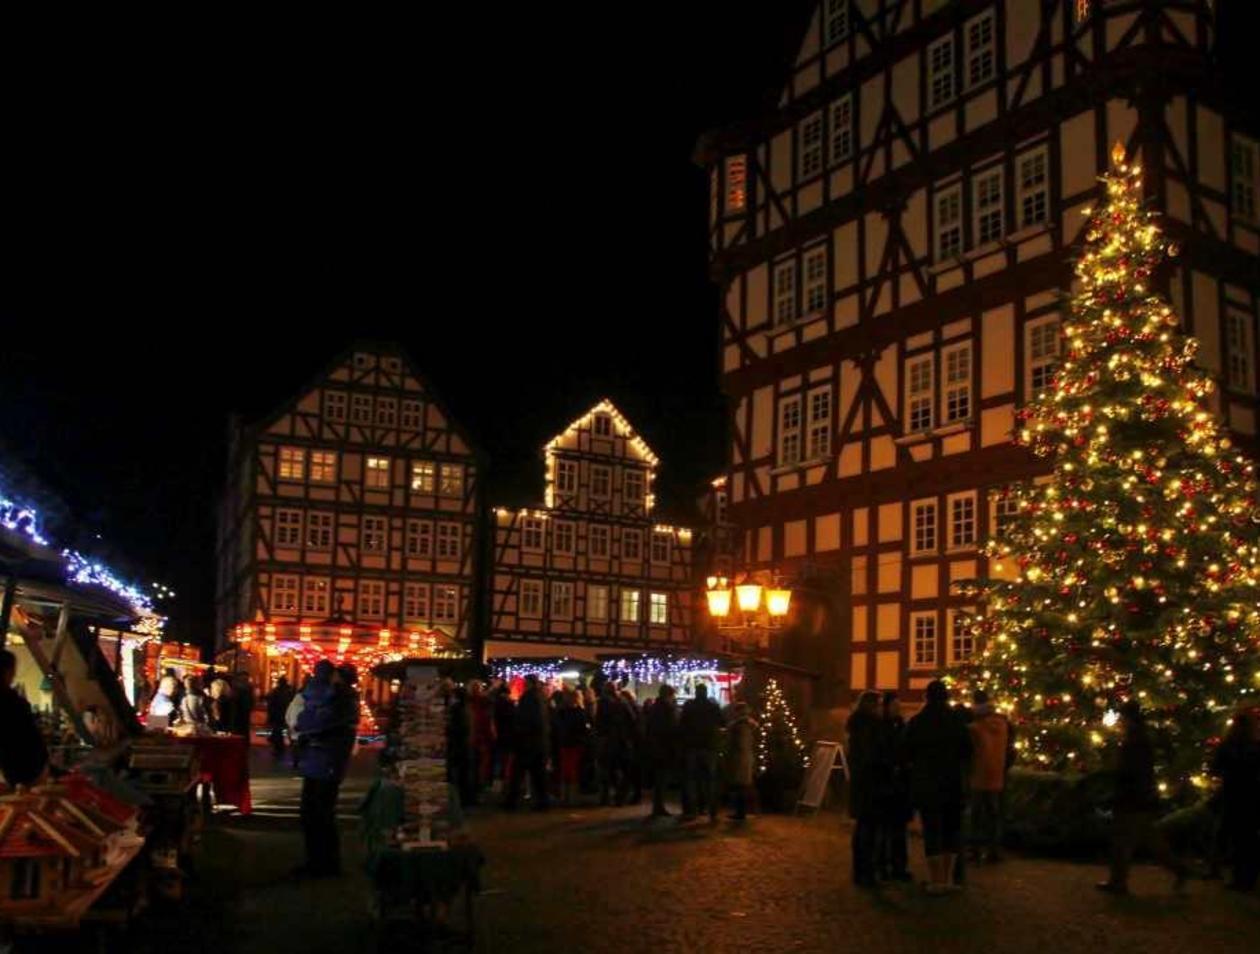 Weihnachtsmarkt Melsungen.Winterwald Weihnachtsmarkt In Melsungen Startet Am Freitag Heimat